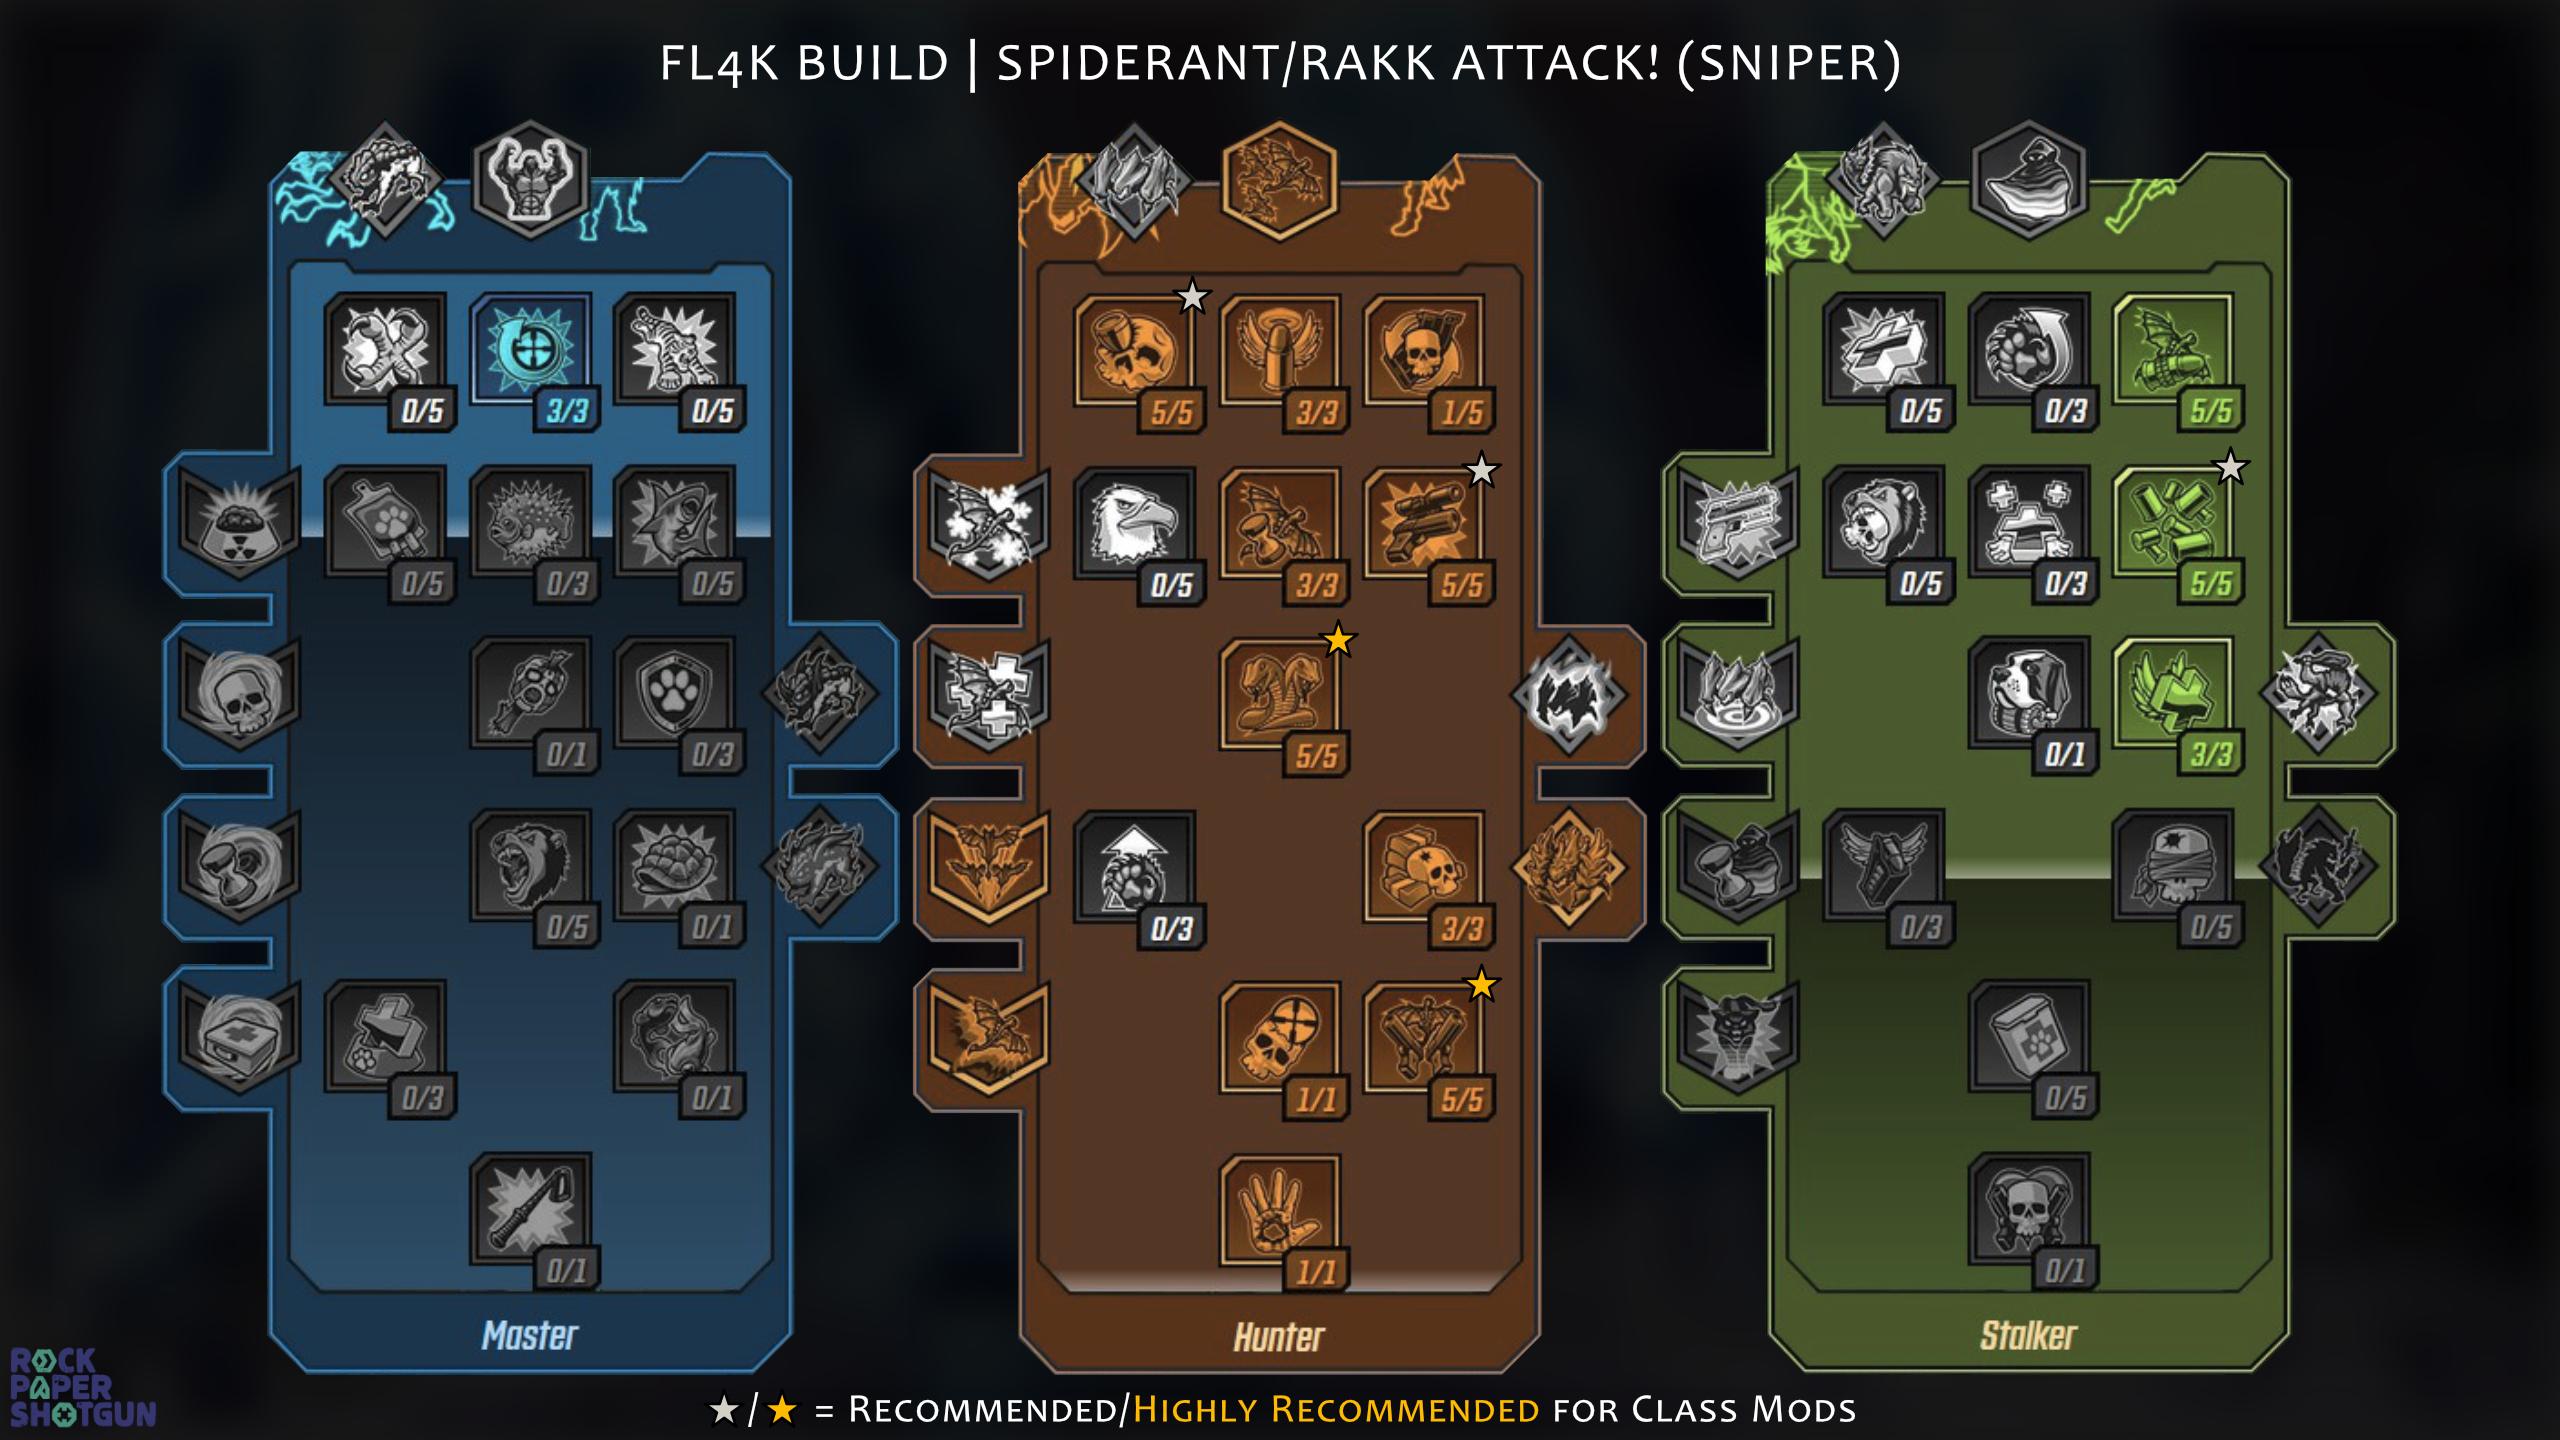 Borderlands 3 FL4K build - Spiderant & Rakk Attack (Sniper)